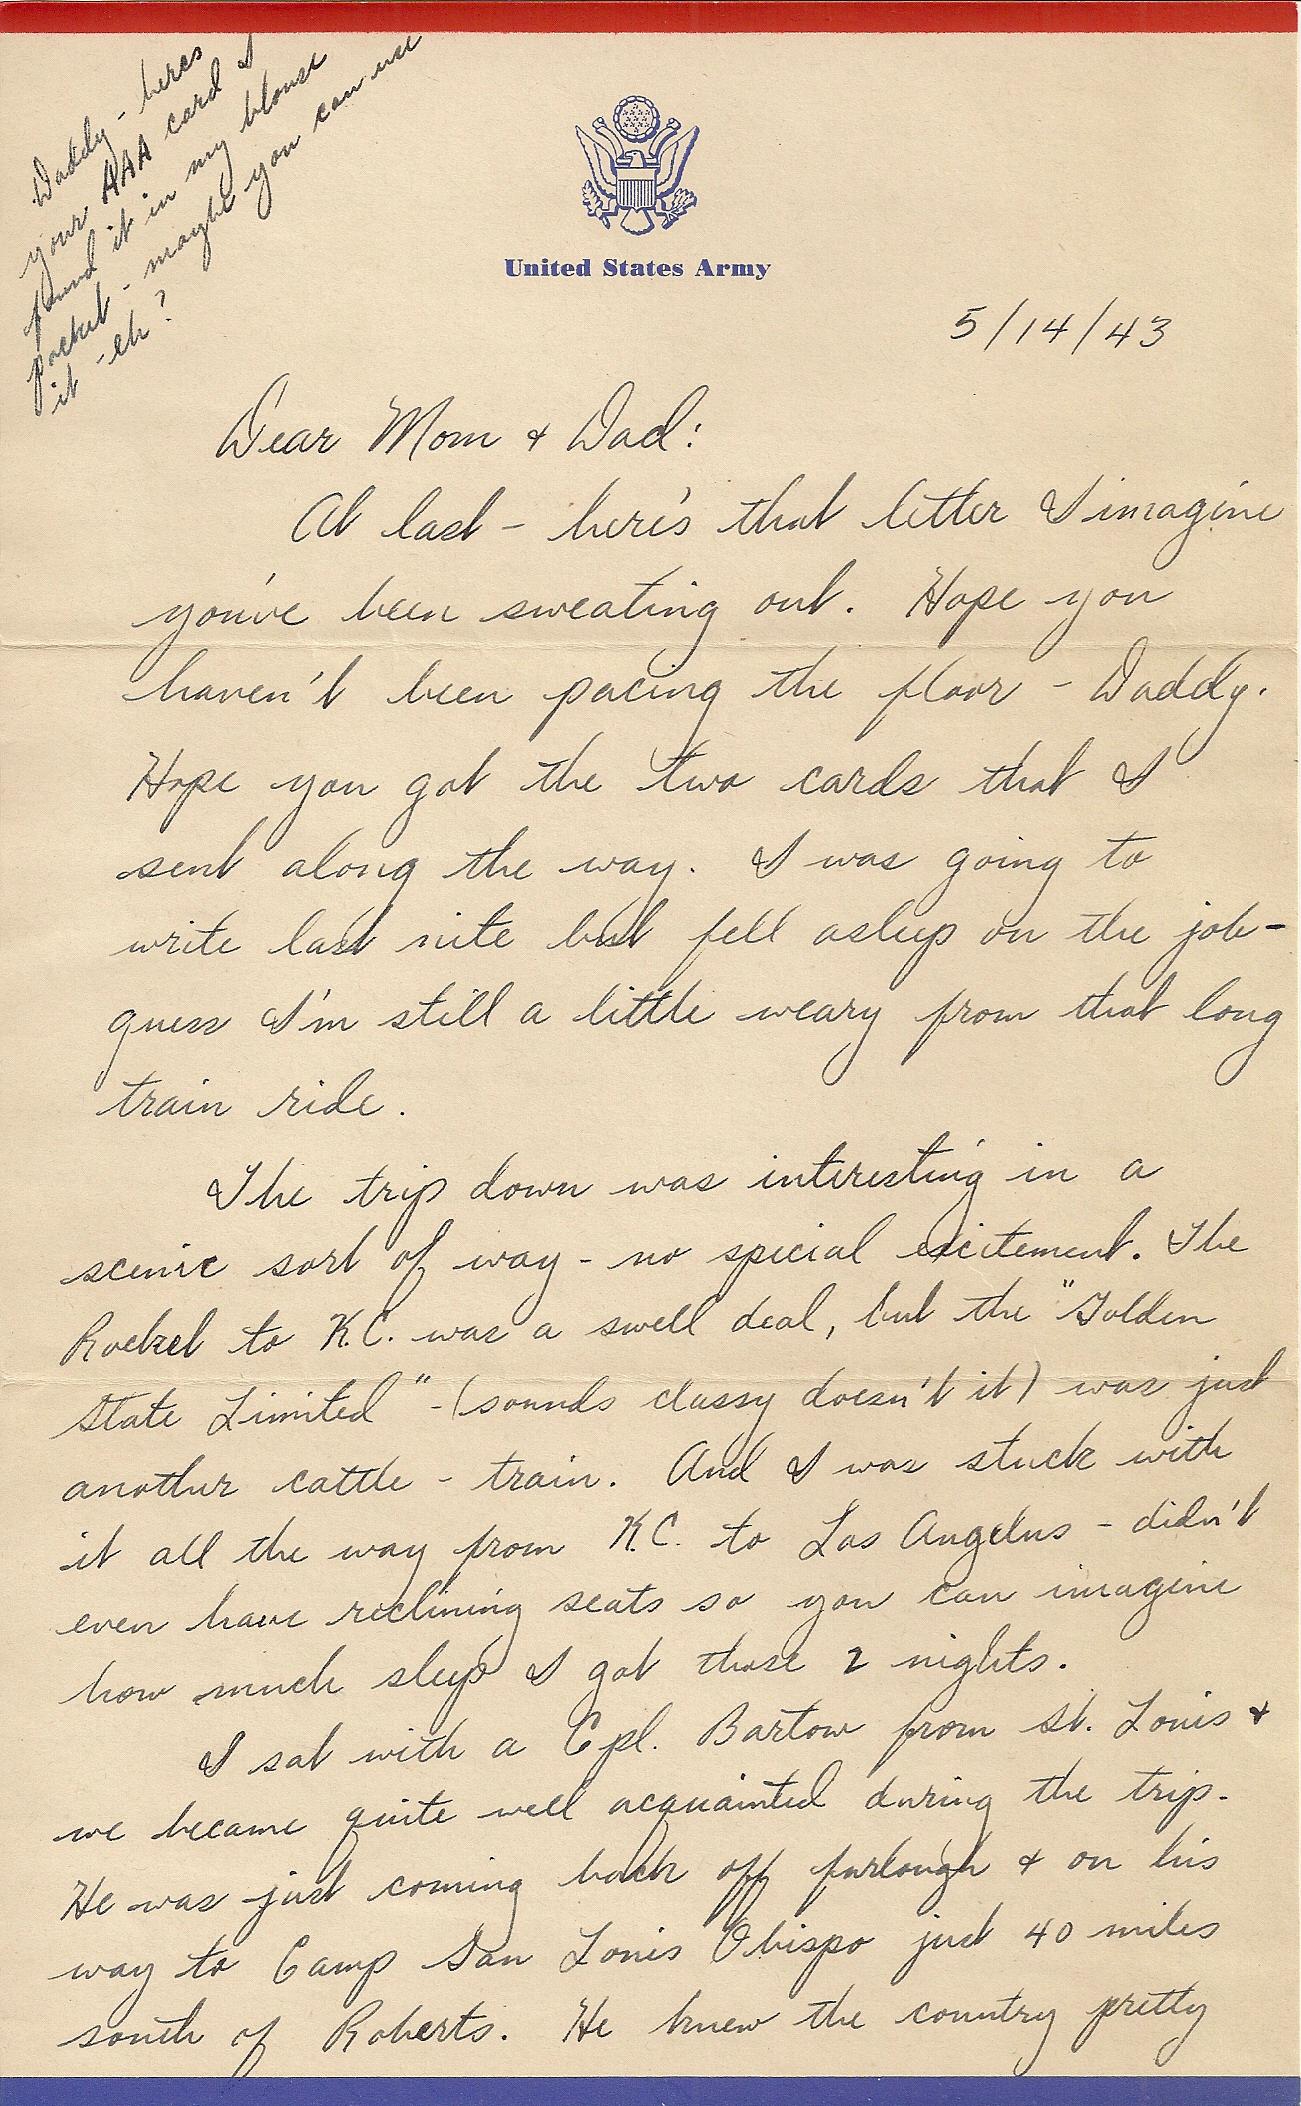 5.14.1943b.jpg